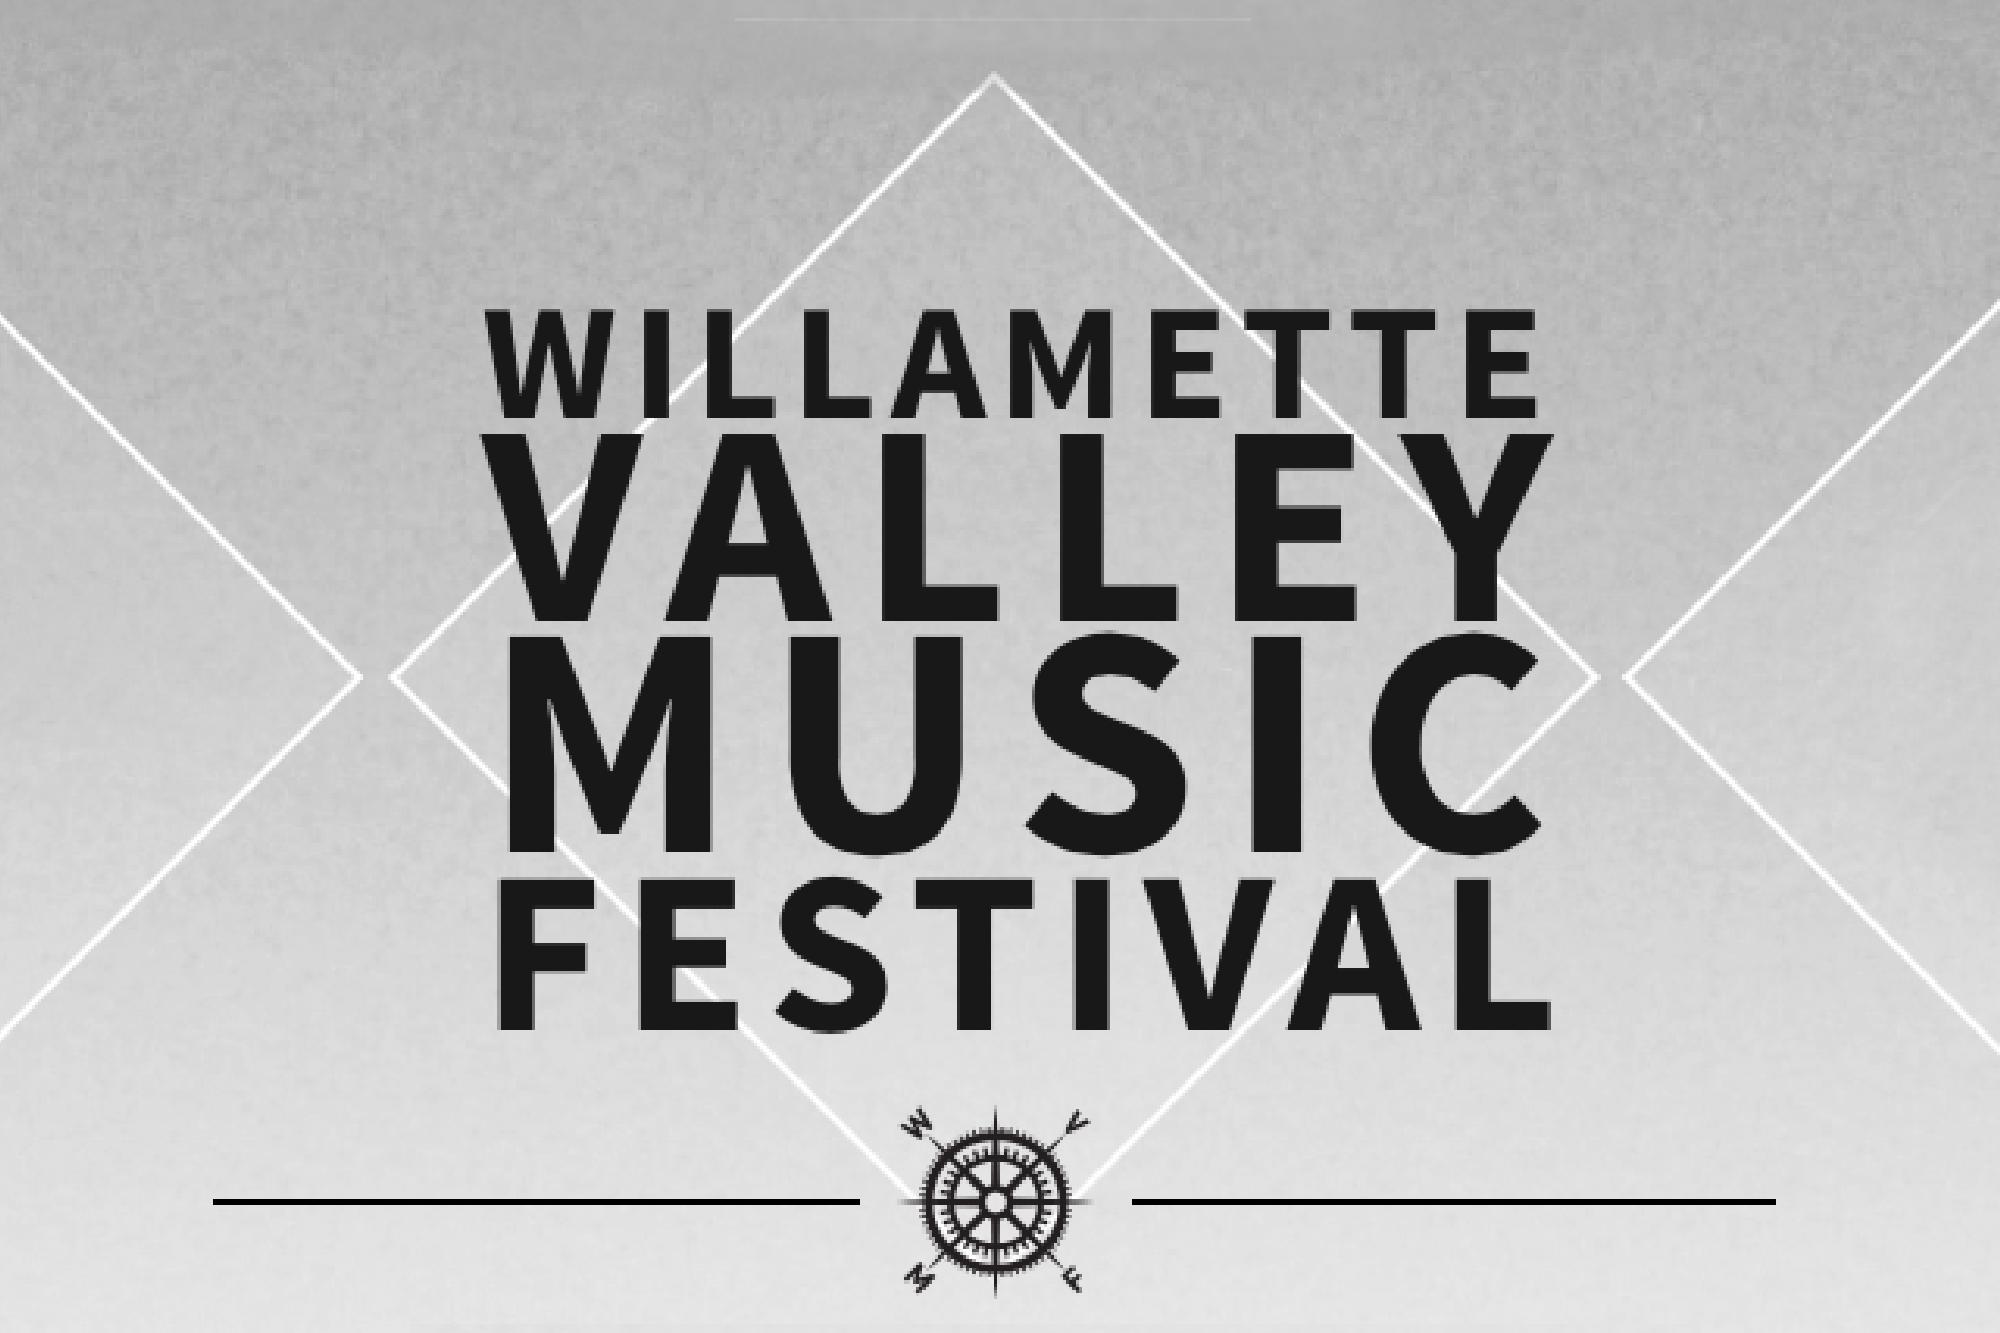 Willamette Valley Music Festival